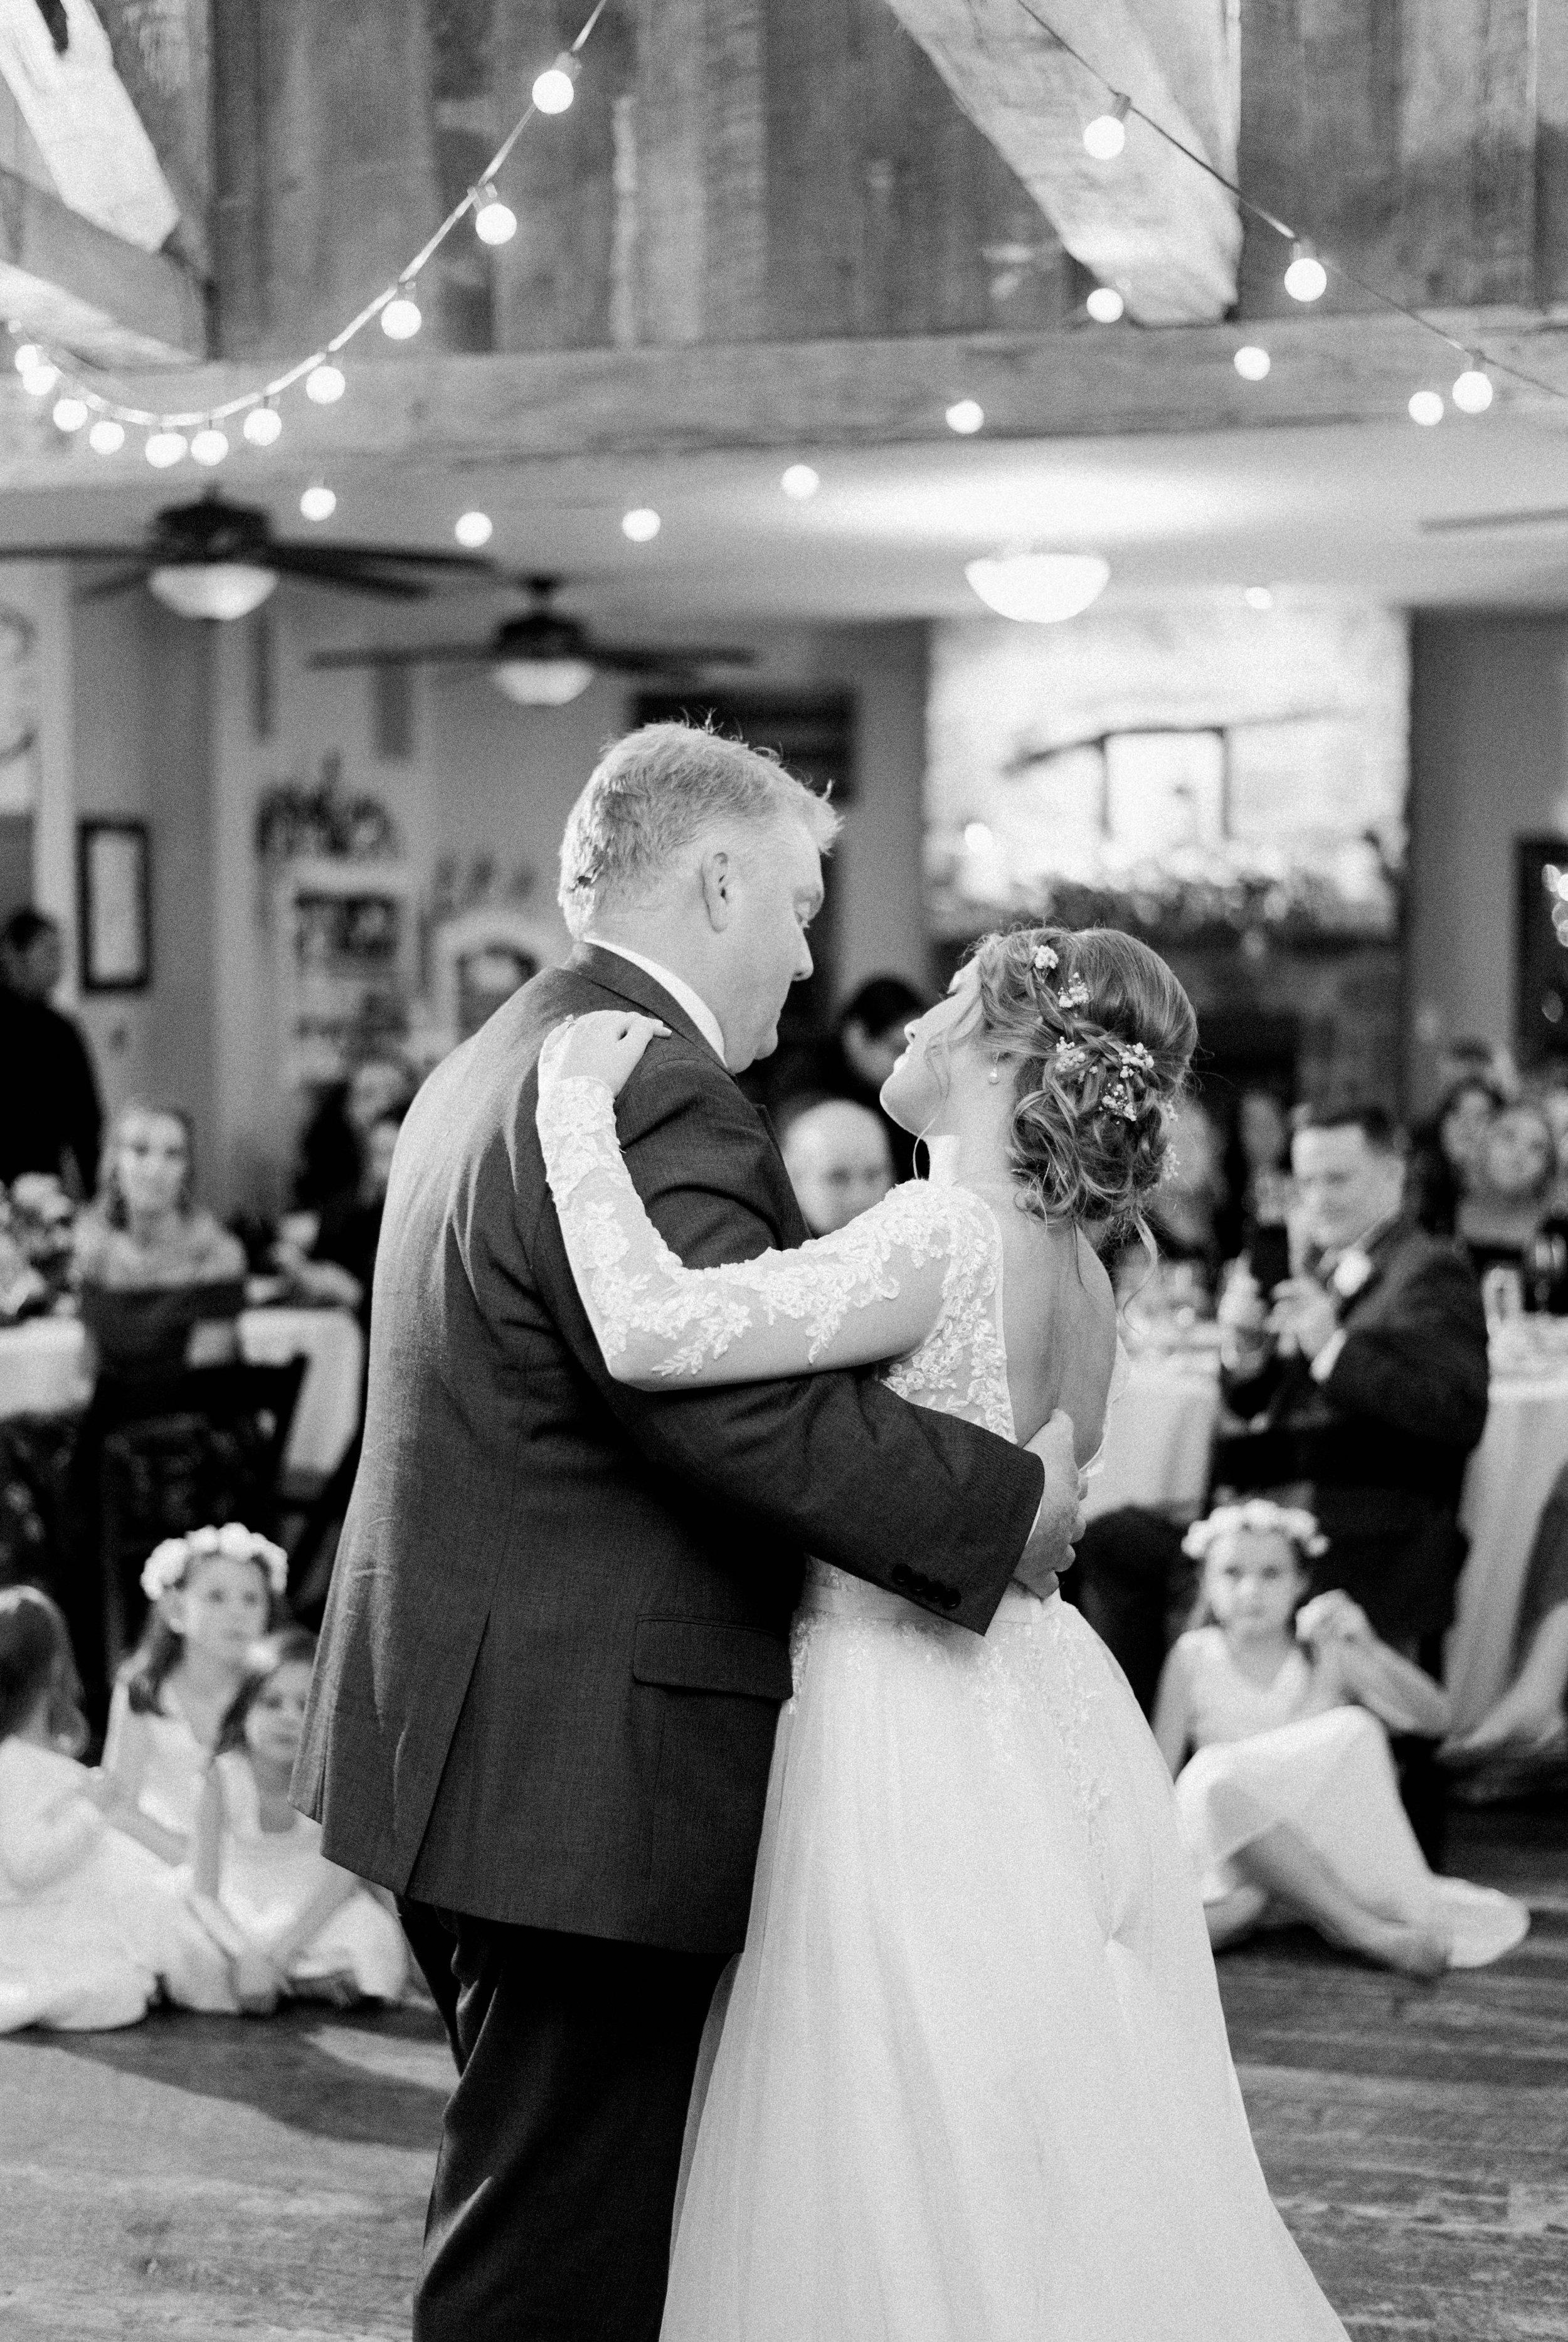 GrantElizabeth_wineryatbullrun_DCwedding_Virginiaweddingphotographer 1.jpg